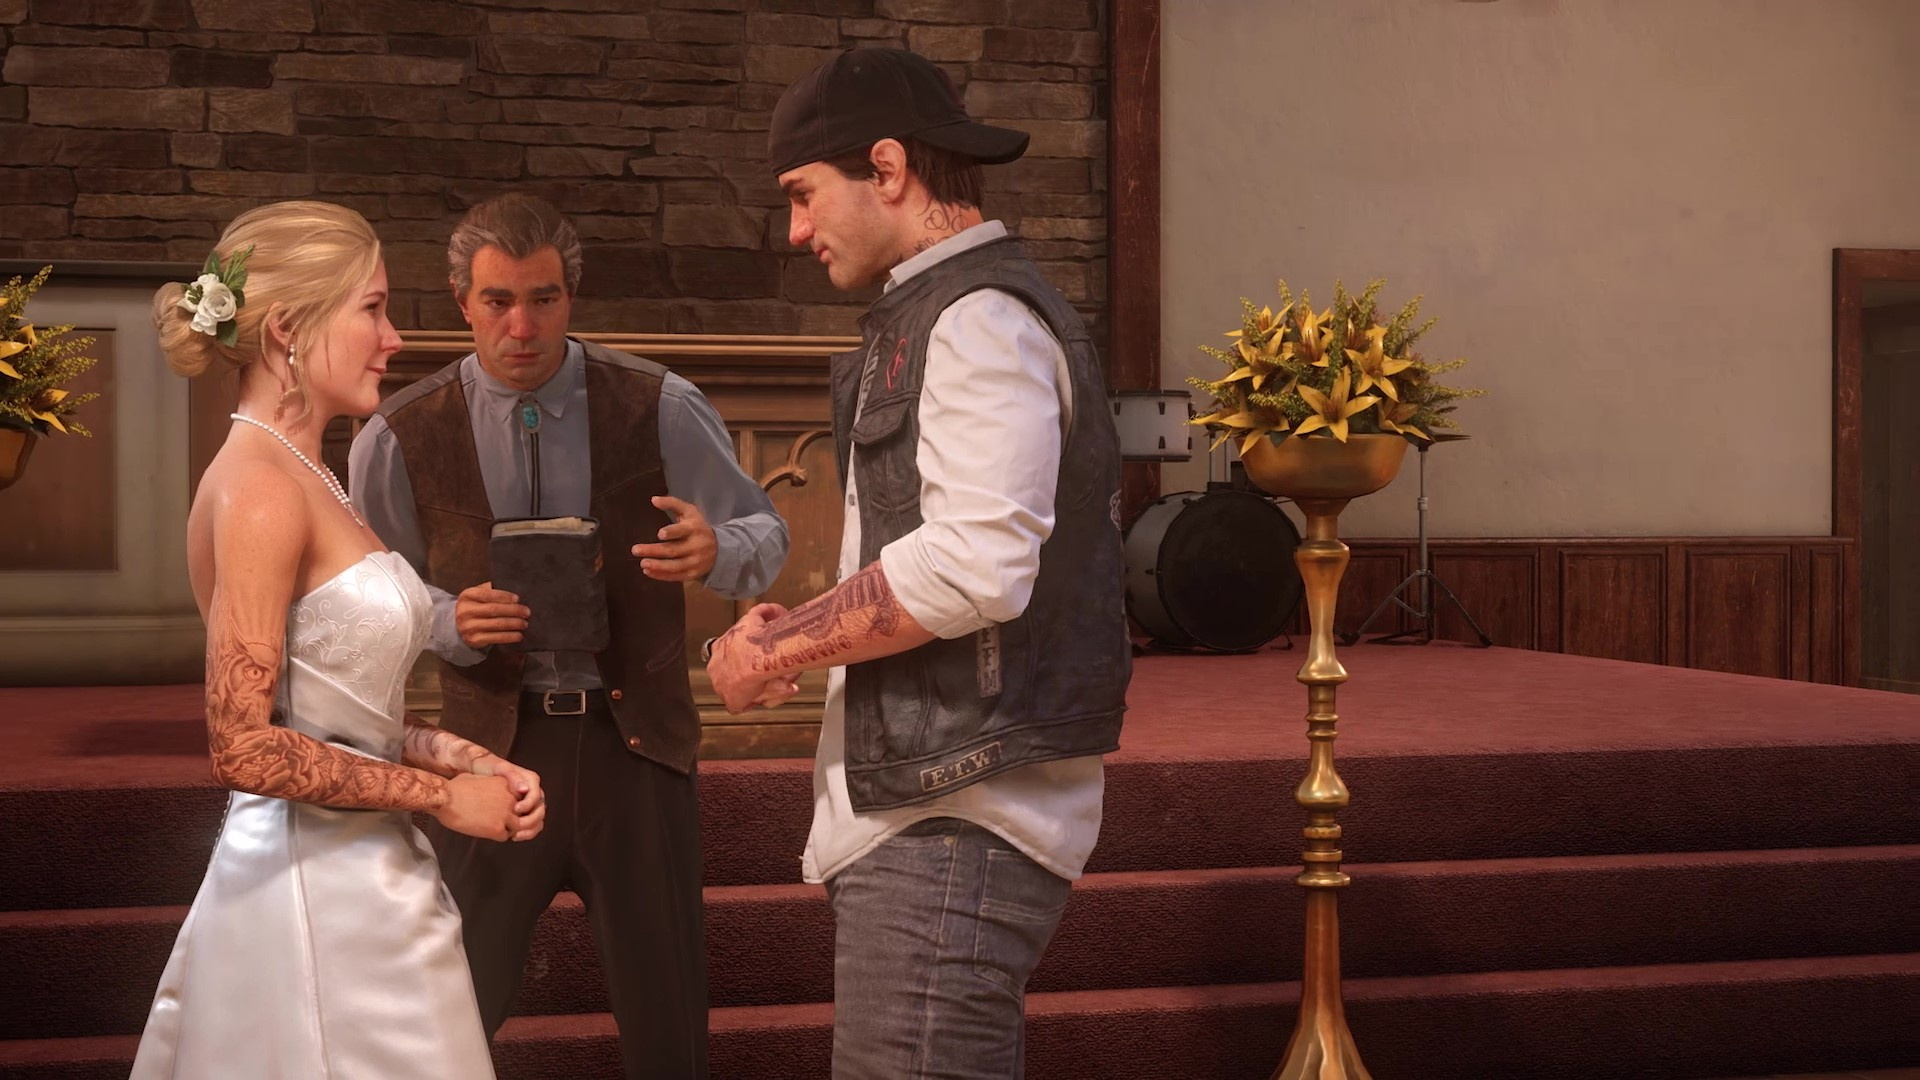 Thumbnail for Days Gone- Wedding Trailer